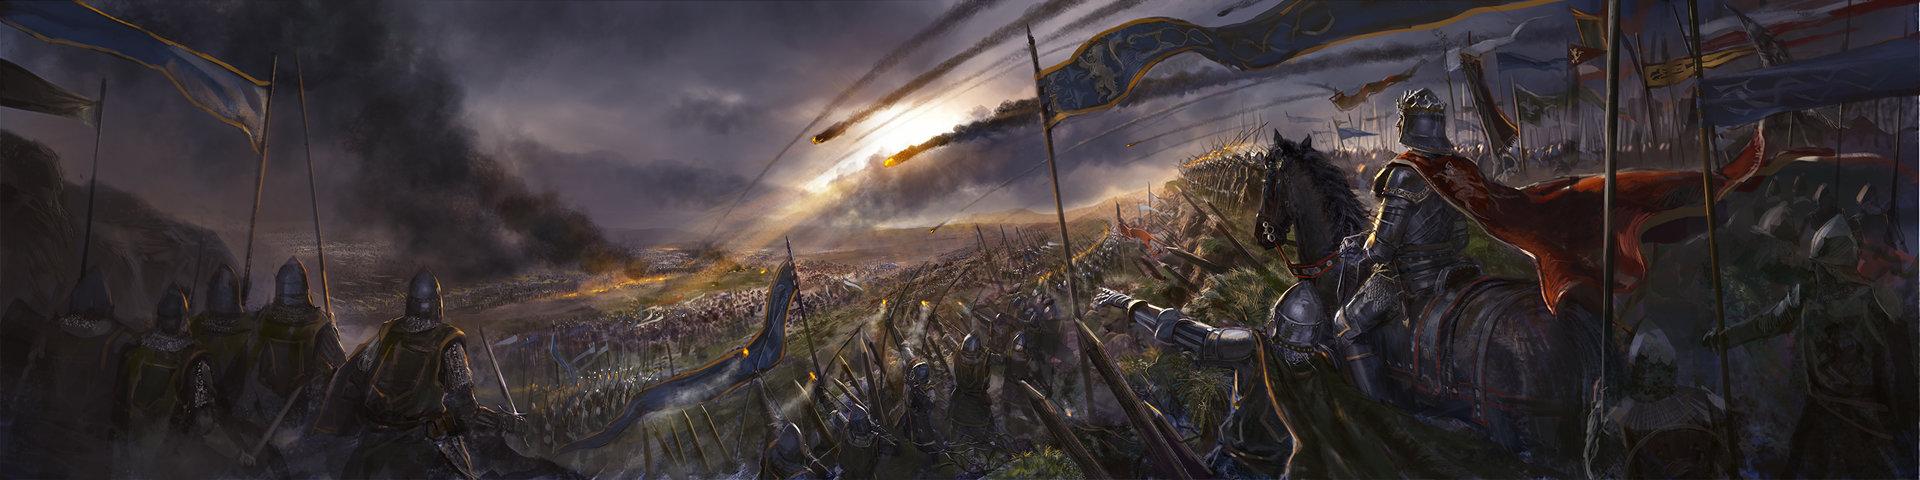 boo-soohoo-medieval-battlefield-b9-edited.jpg